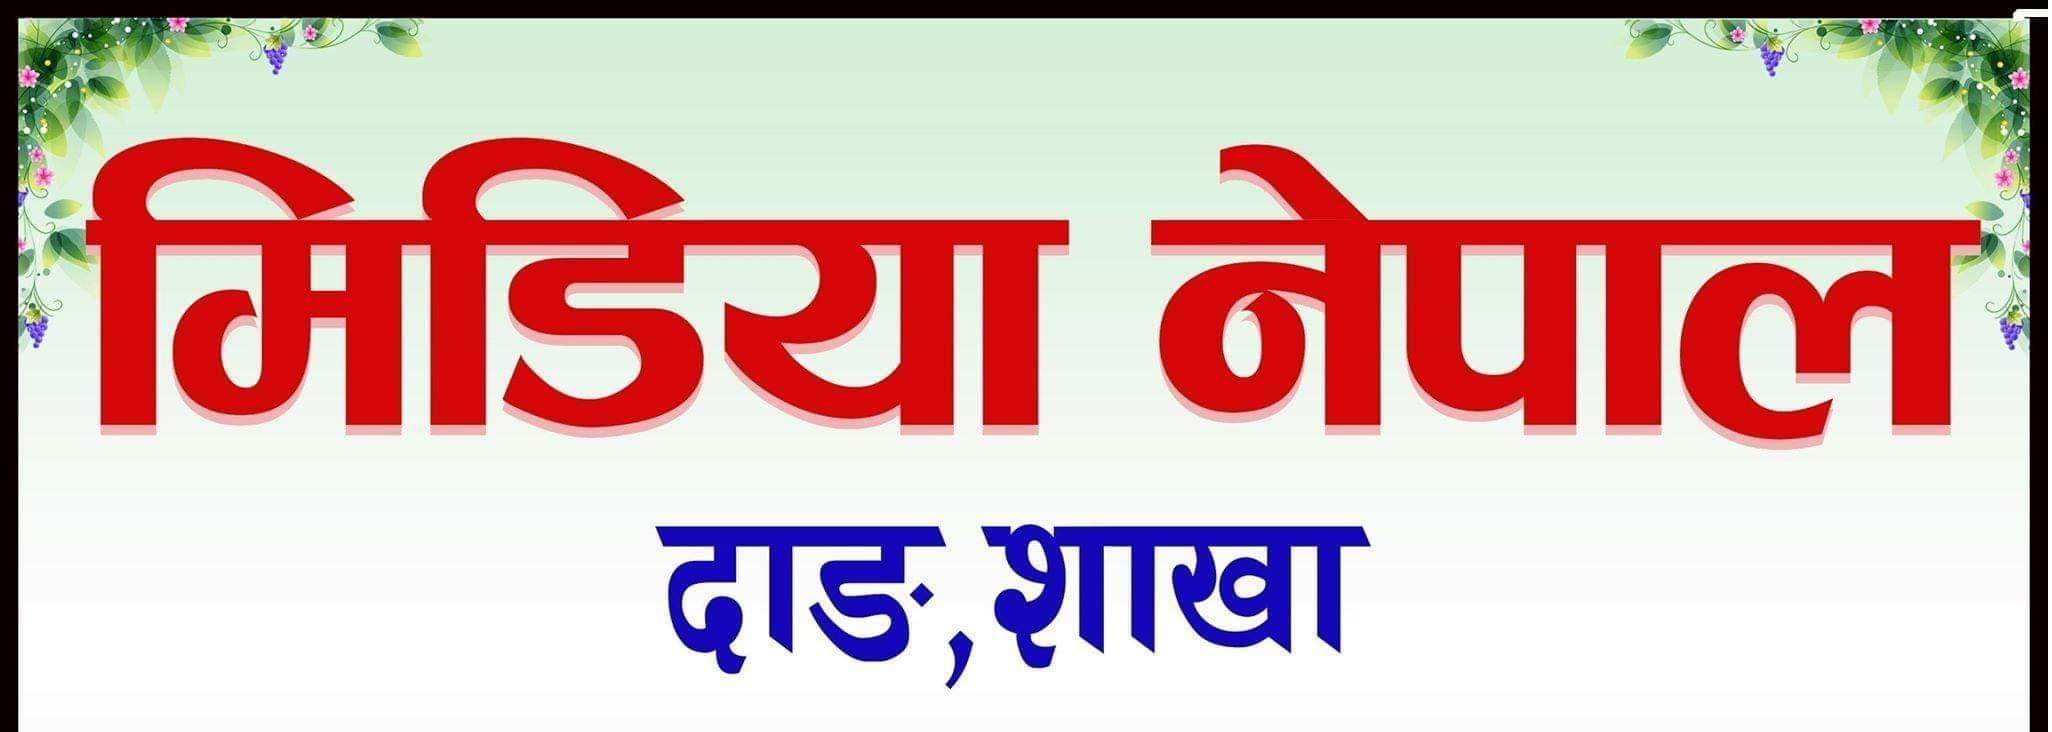 नेपाल पत्रकार महासंघको २६औं महाधिवेशन सम्वन्धमा मिडिया नेपालको सार्वजनिक आह्वान